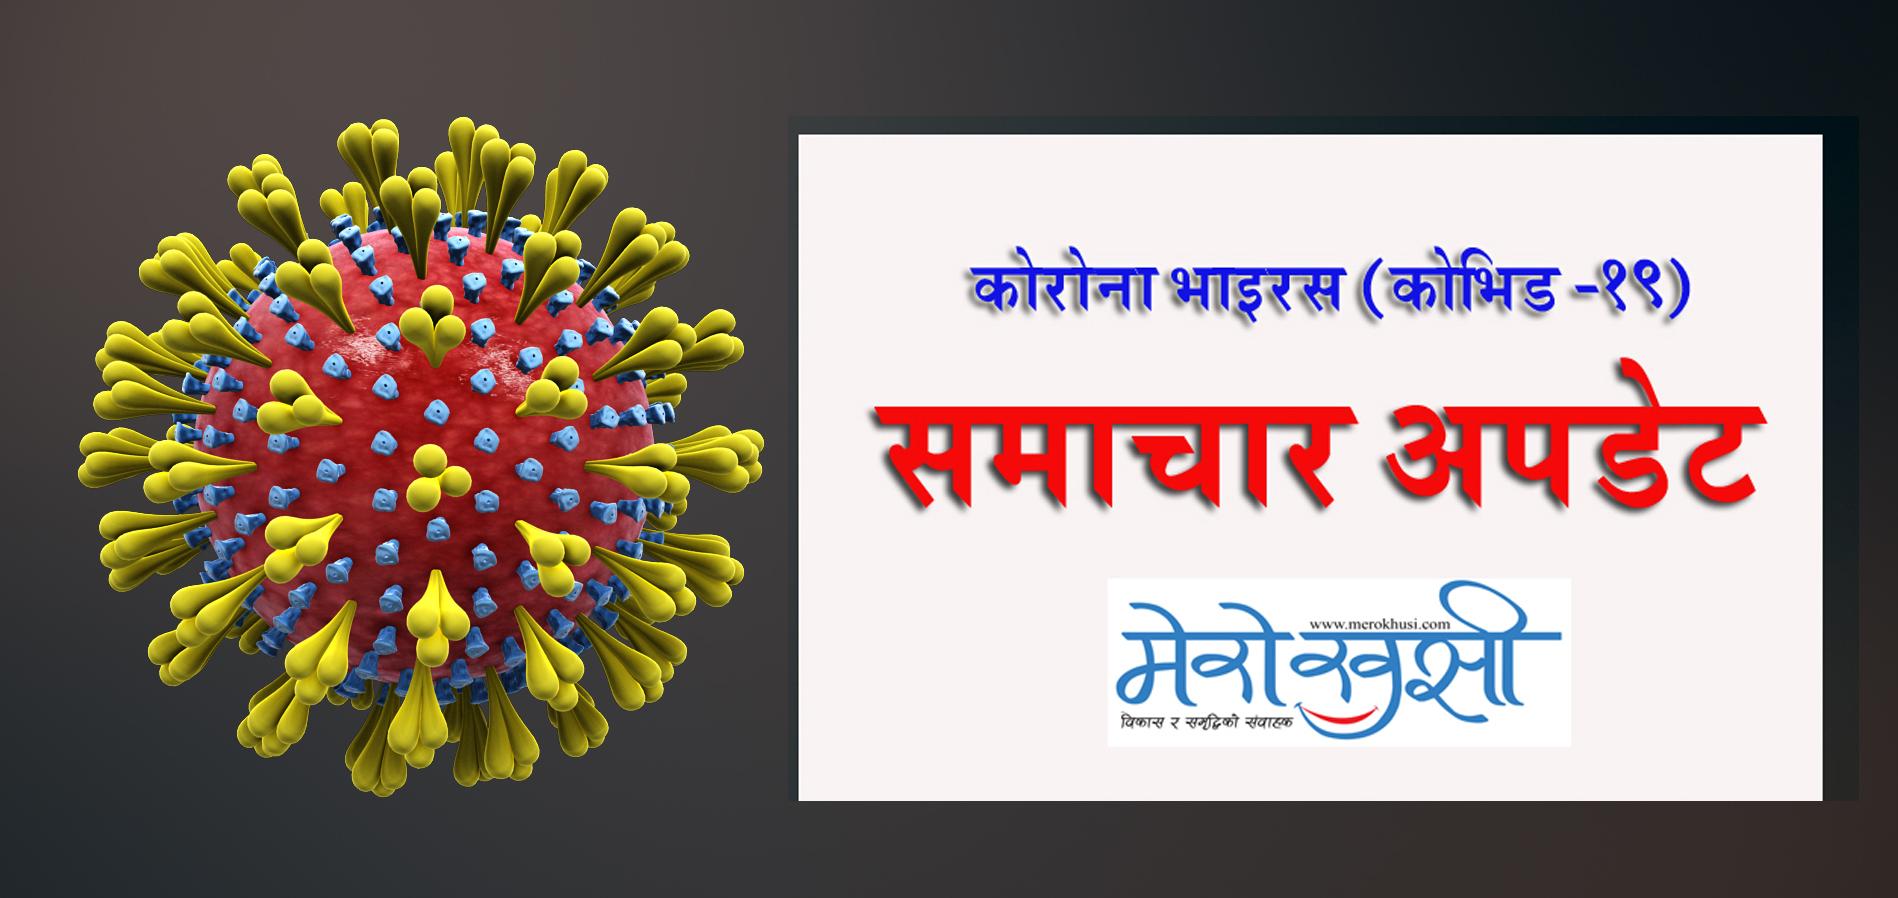 भारतमा कोरोना संक्रमित मृत्युदर २४ प्रतिशत, २४९ को मृत्यु